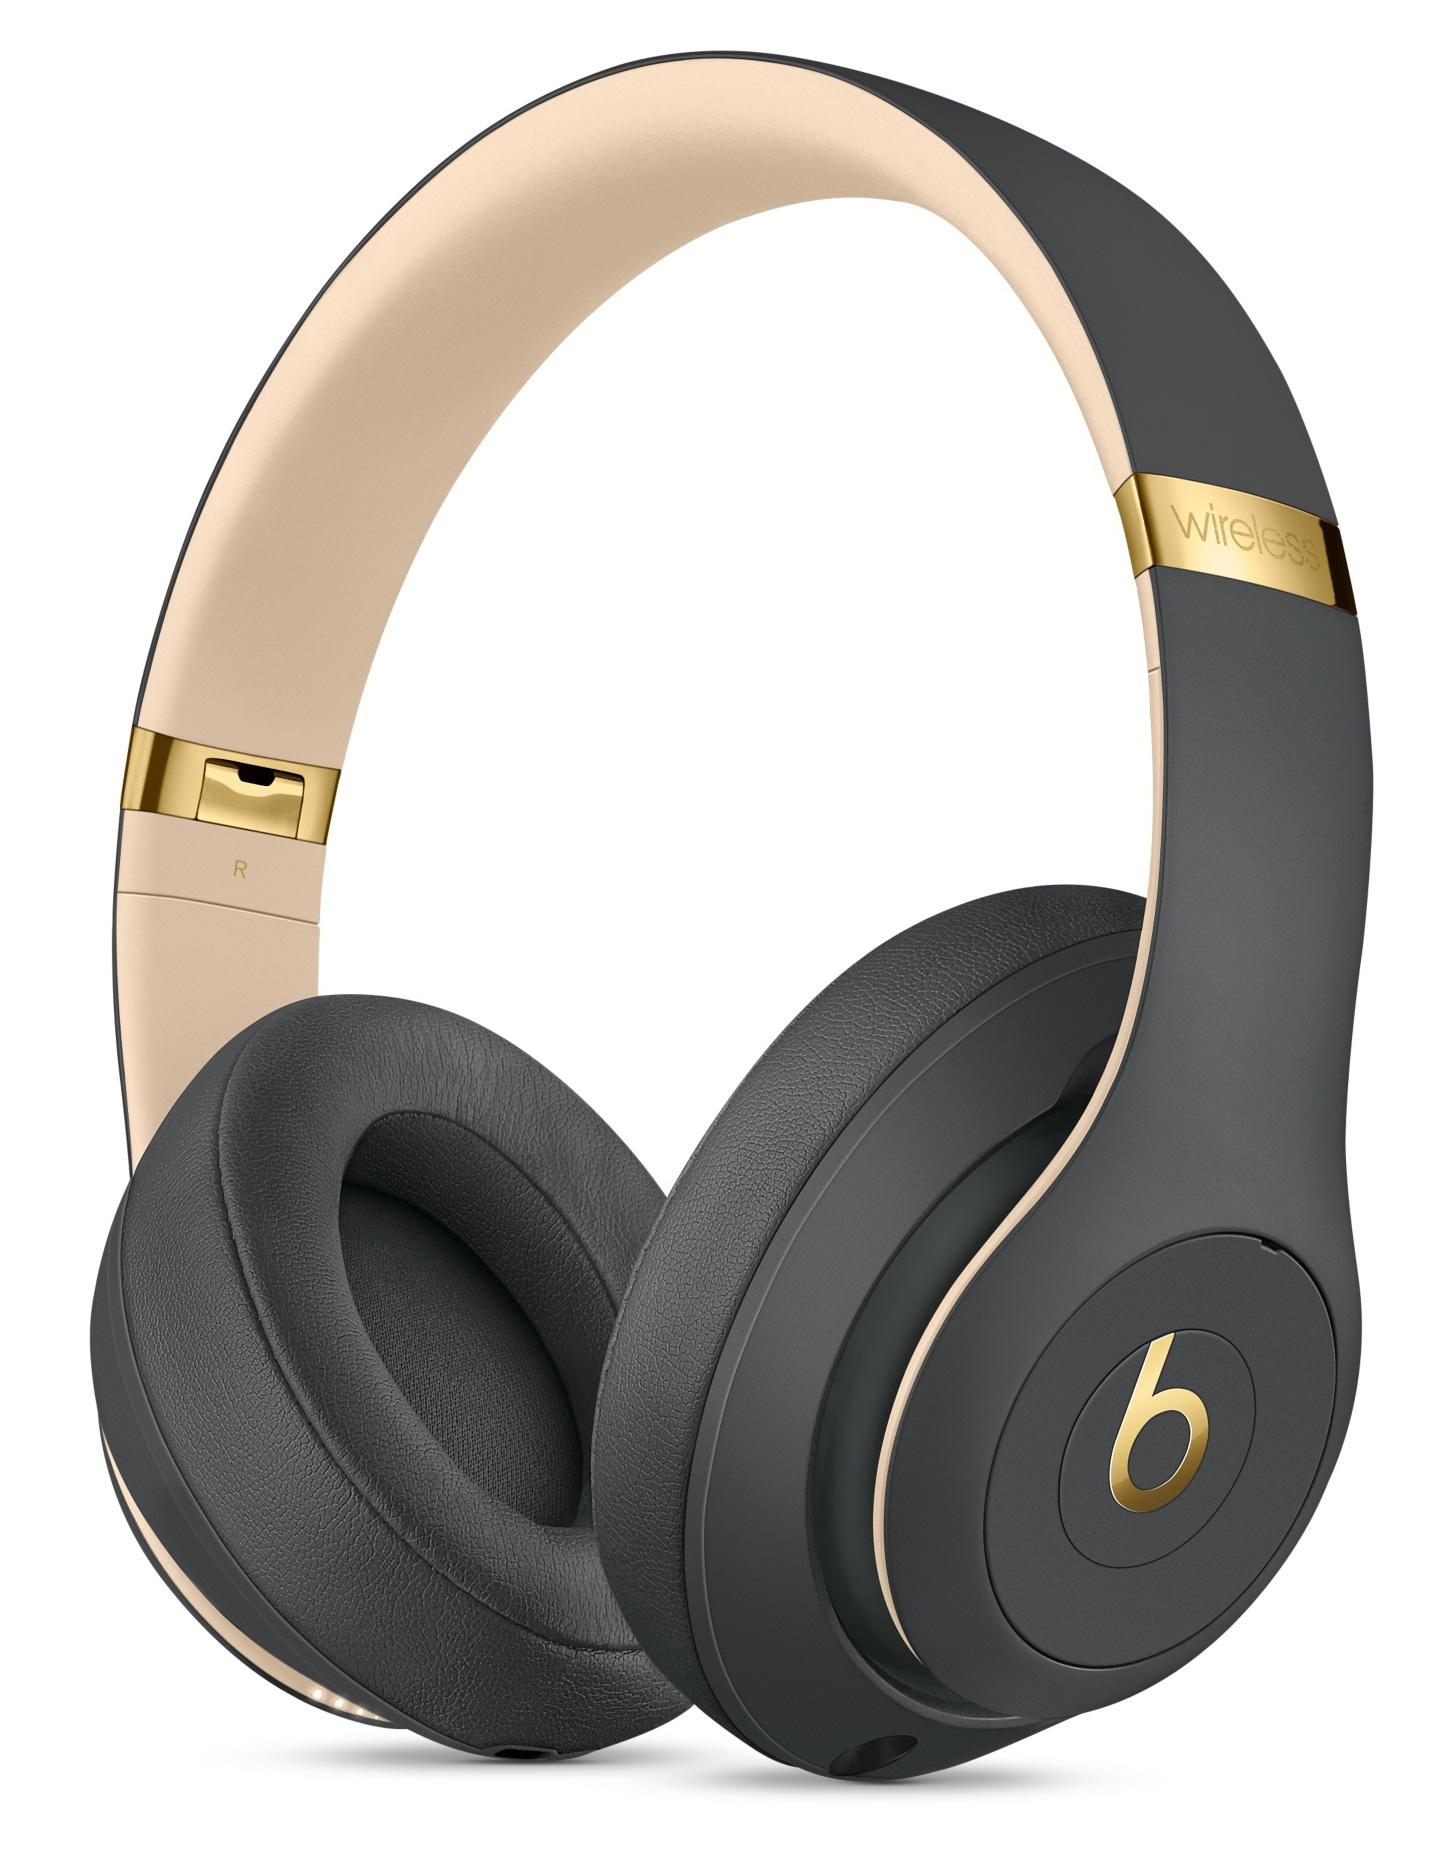 Nuevos auriculares Studio3 con chip W1